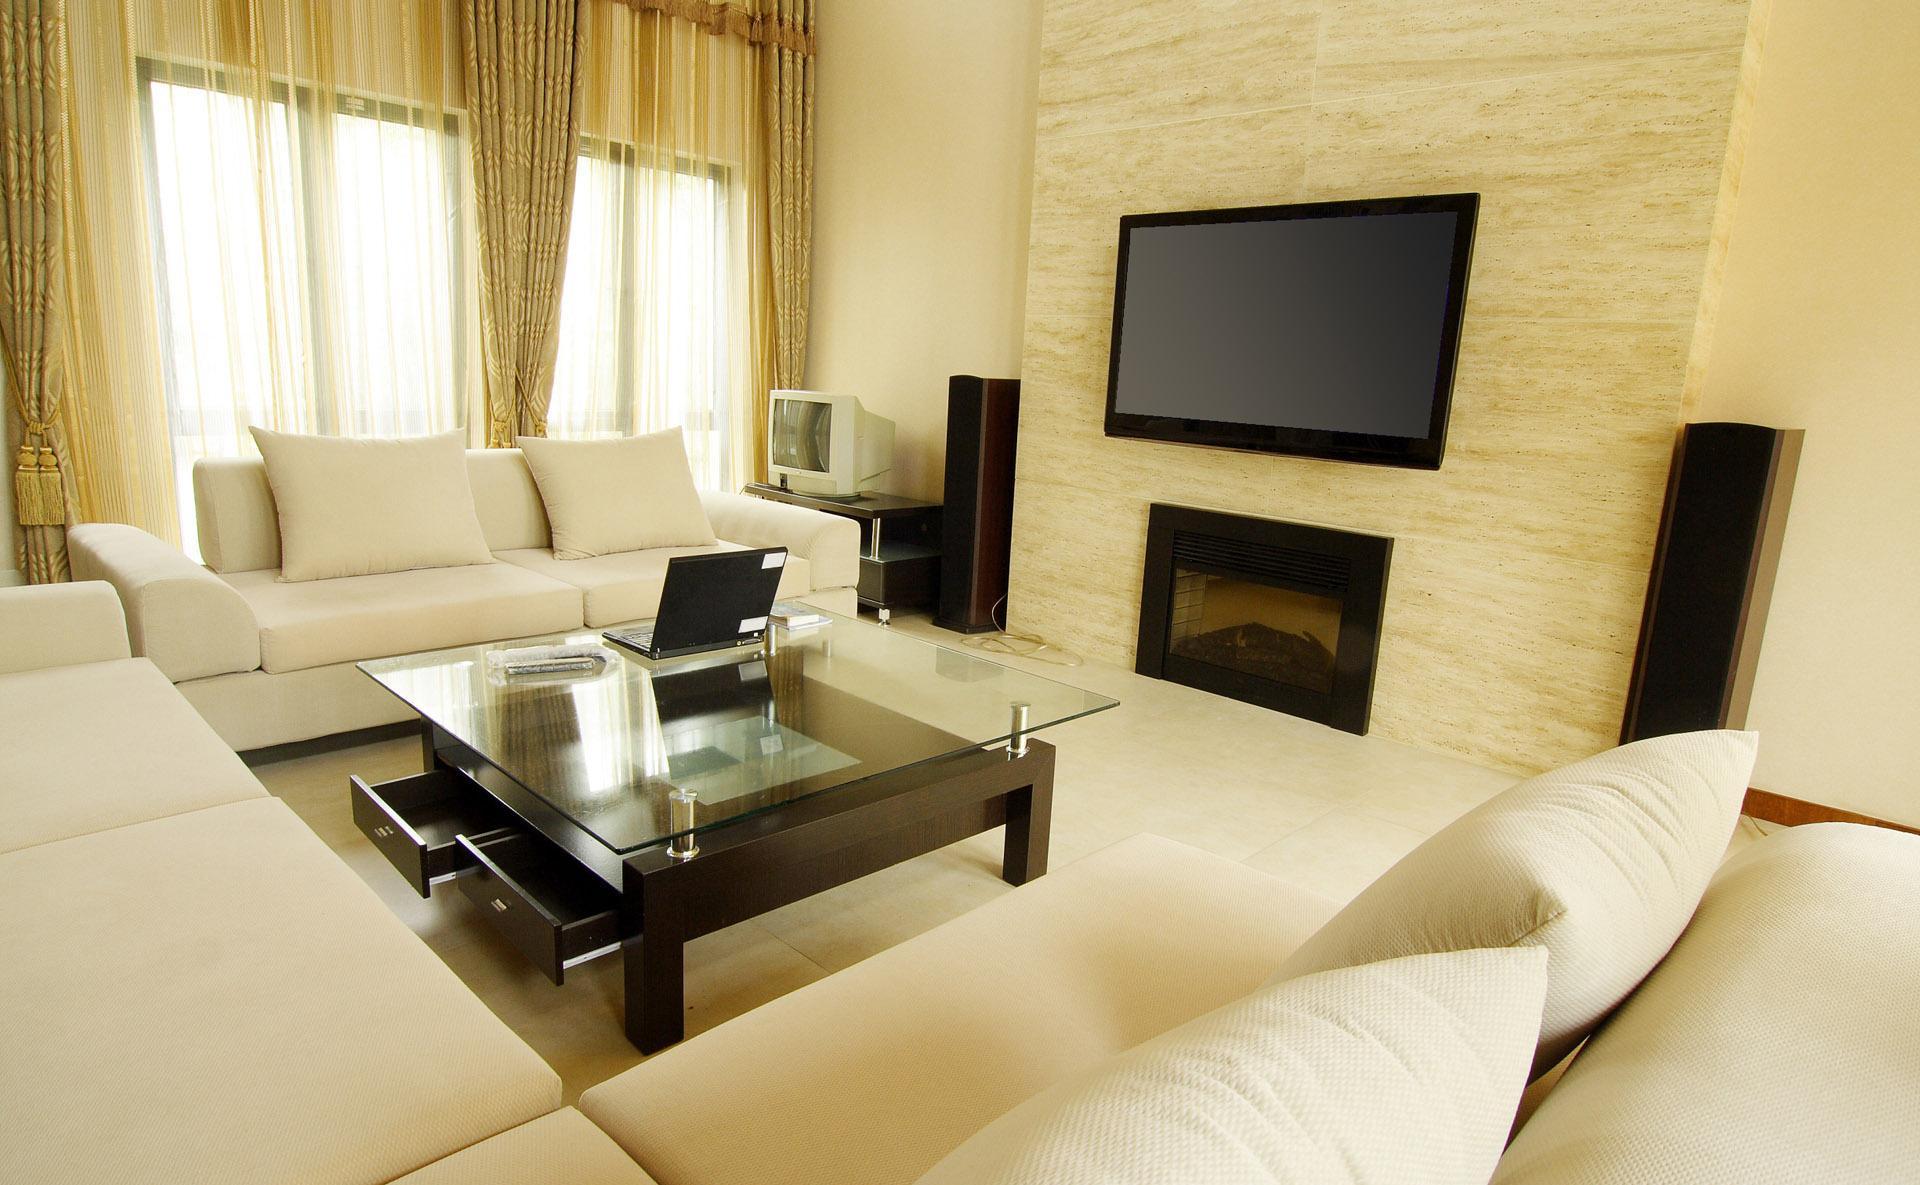 Бежевая гостиная с камином с двумя окнами на одной стене